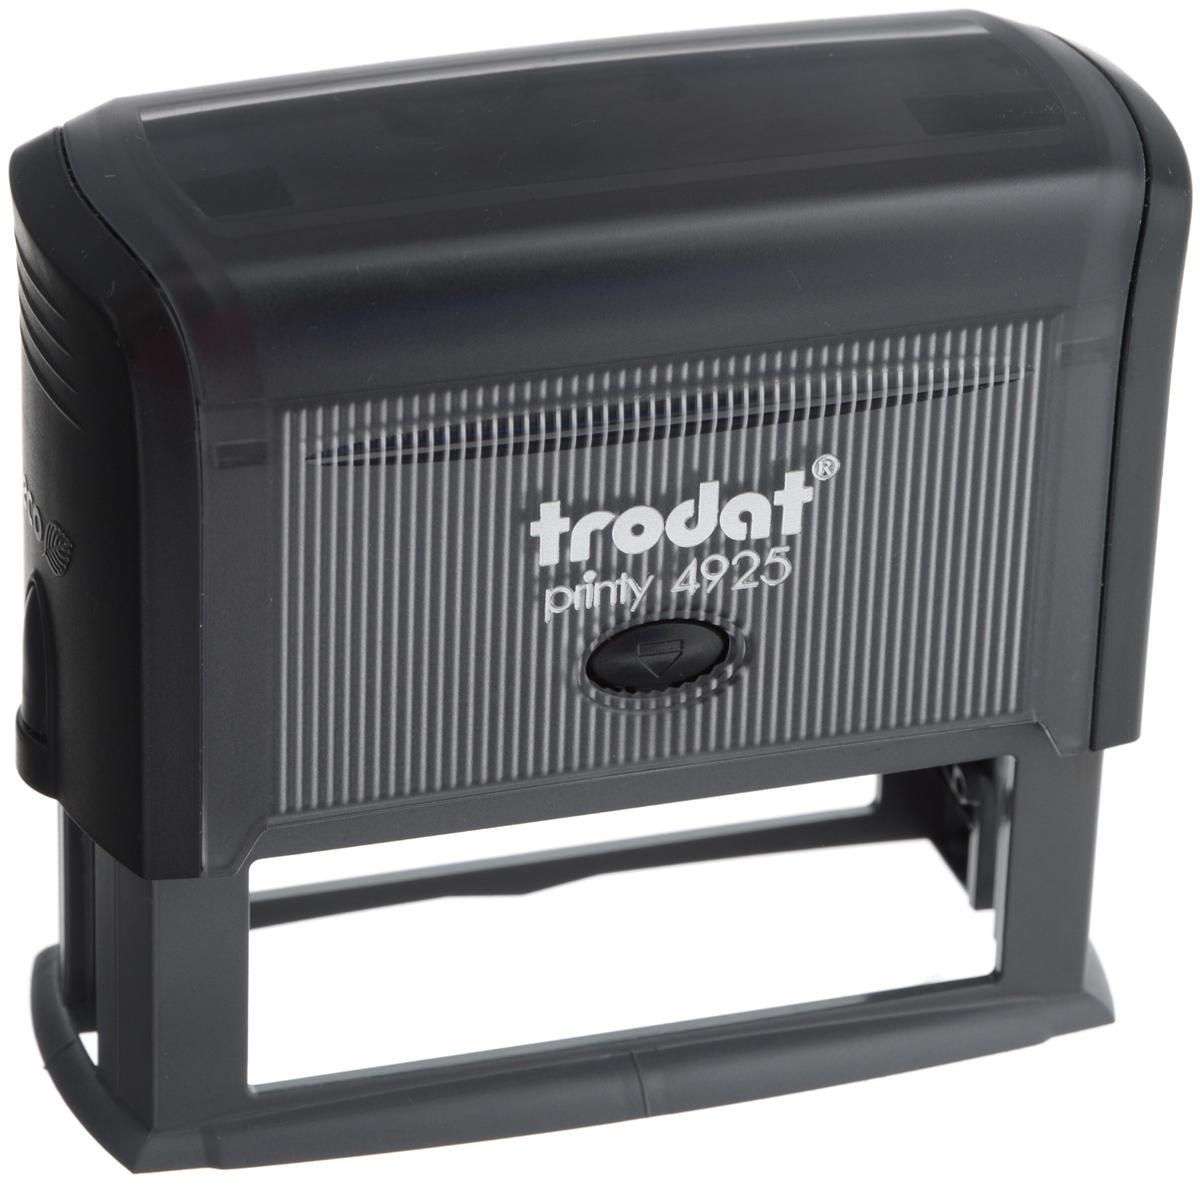 Trodat Оснастка для штампа 82 х 25 мм4925Оснастка для штампа Trodat будет незаменима в отделе кадров или в бухгалтерии любой компании.Прочный пластиковый корпус с автоматическим окрашиванием гарантирует долговечное бесперебойное использование. Модель отличается высочайшим удобством в использовании и оптимально ложится в руку. Оттиск проставляется практически бесшумно, легким нажатием руки. Улучшенная конструкция и видимая площадь печати гарантируют качество и точность оттиска.Текстовые пластины прямоугольной формы 82 мм х 25 мм подойдут для изготовления клише по индивидуальному заказу.Оснастка для штампа Trodat идеальна для ежедневного использования в офисе.